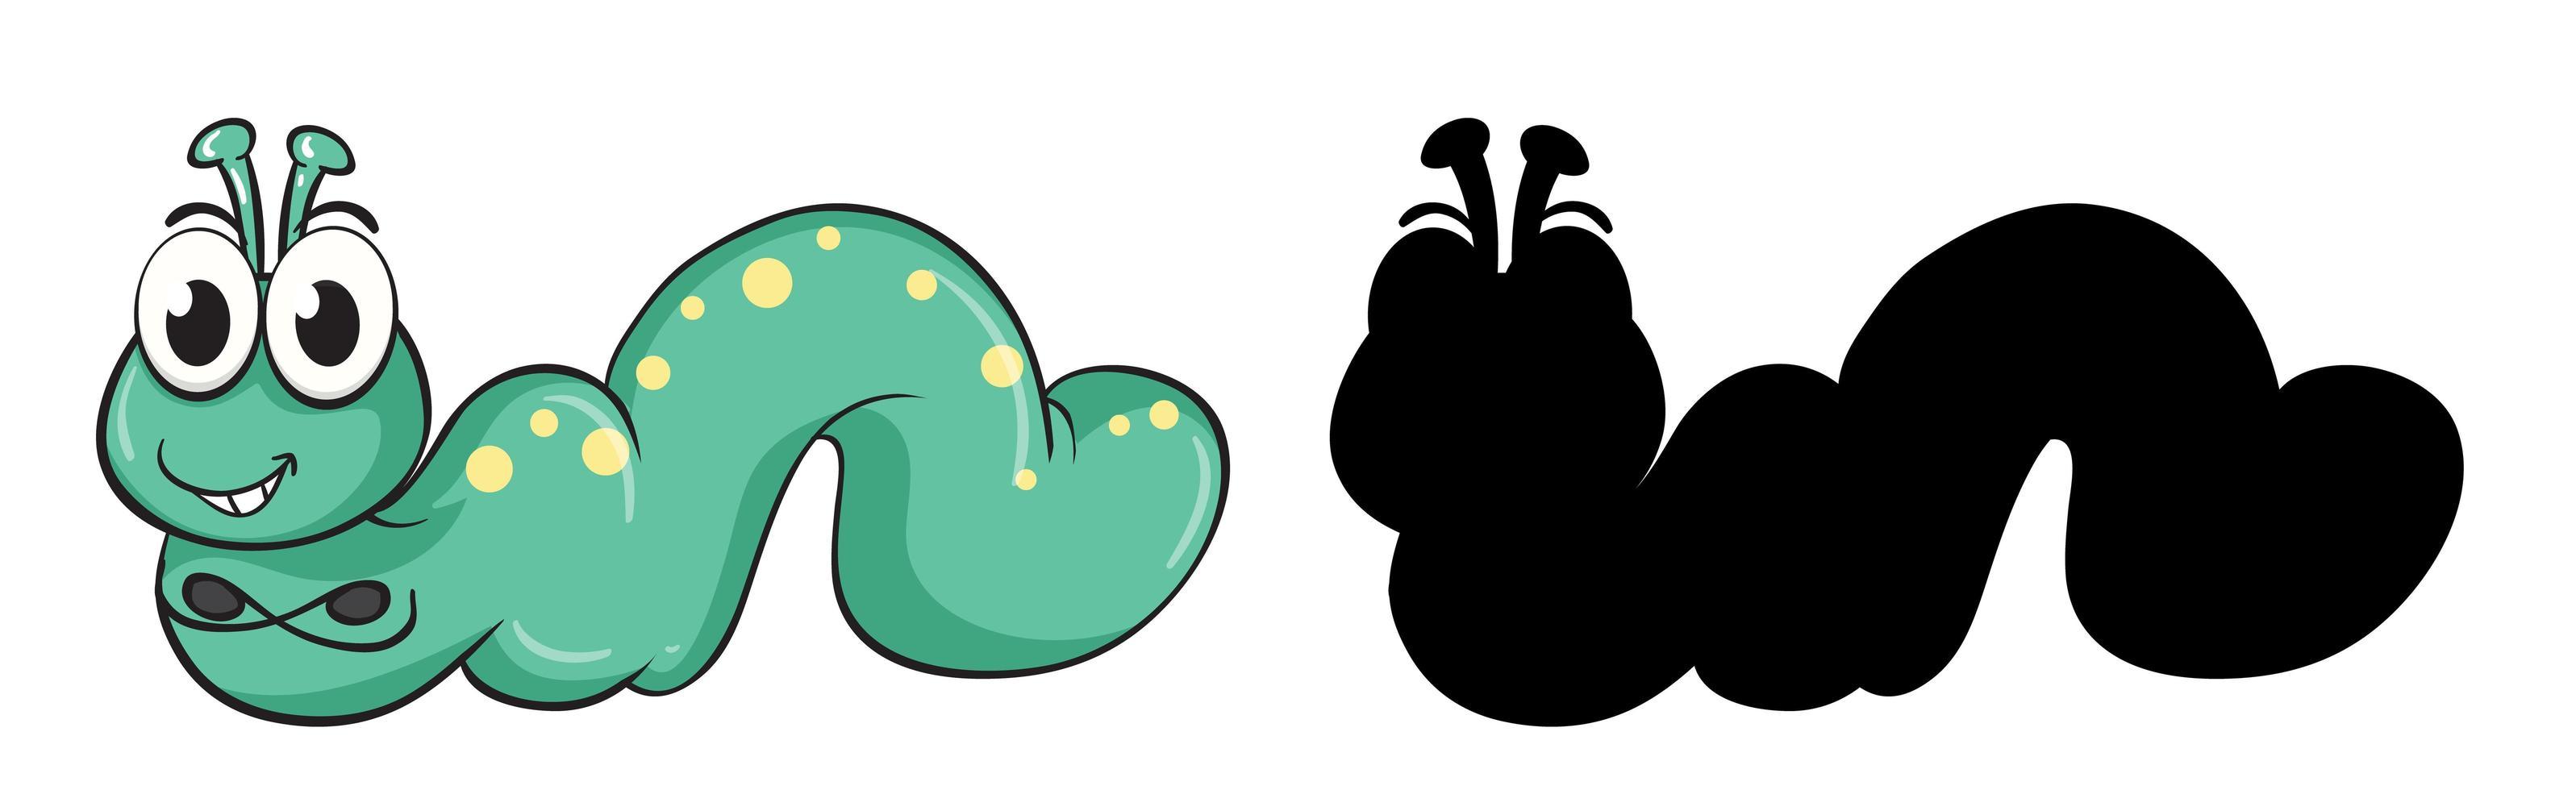 ensemble de personnage de dessin animé insecte et sa silhouette sur fond blanc vecteur